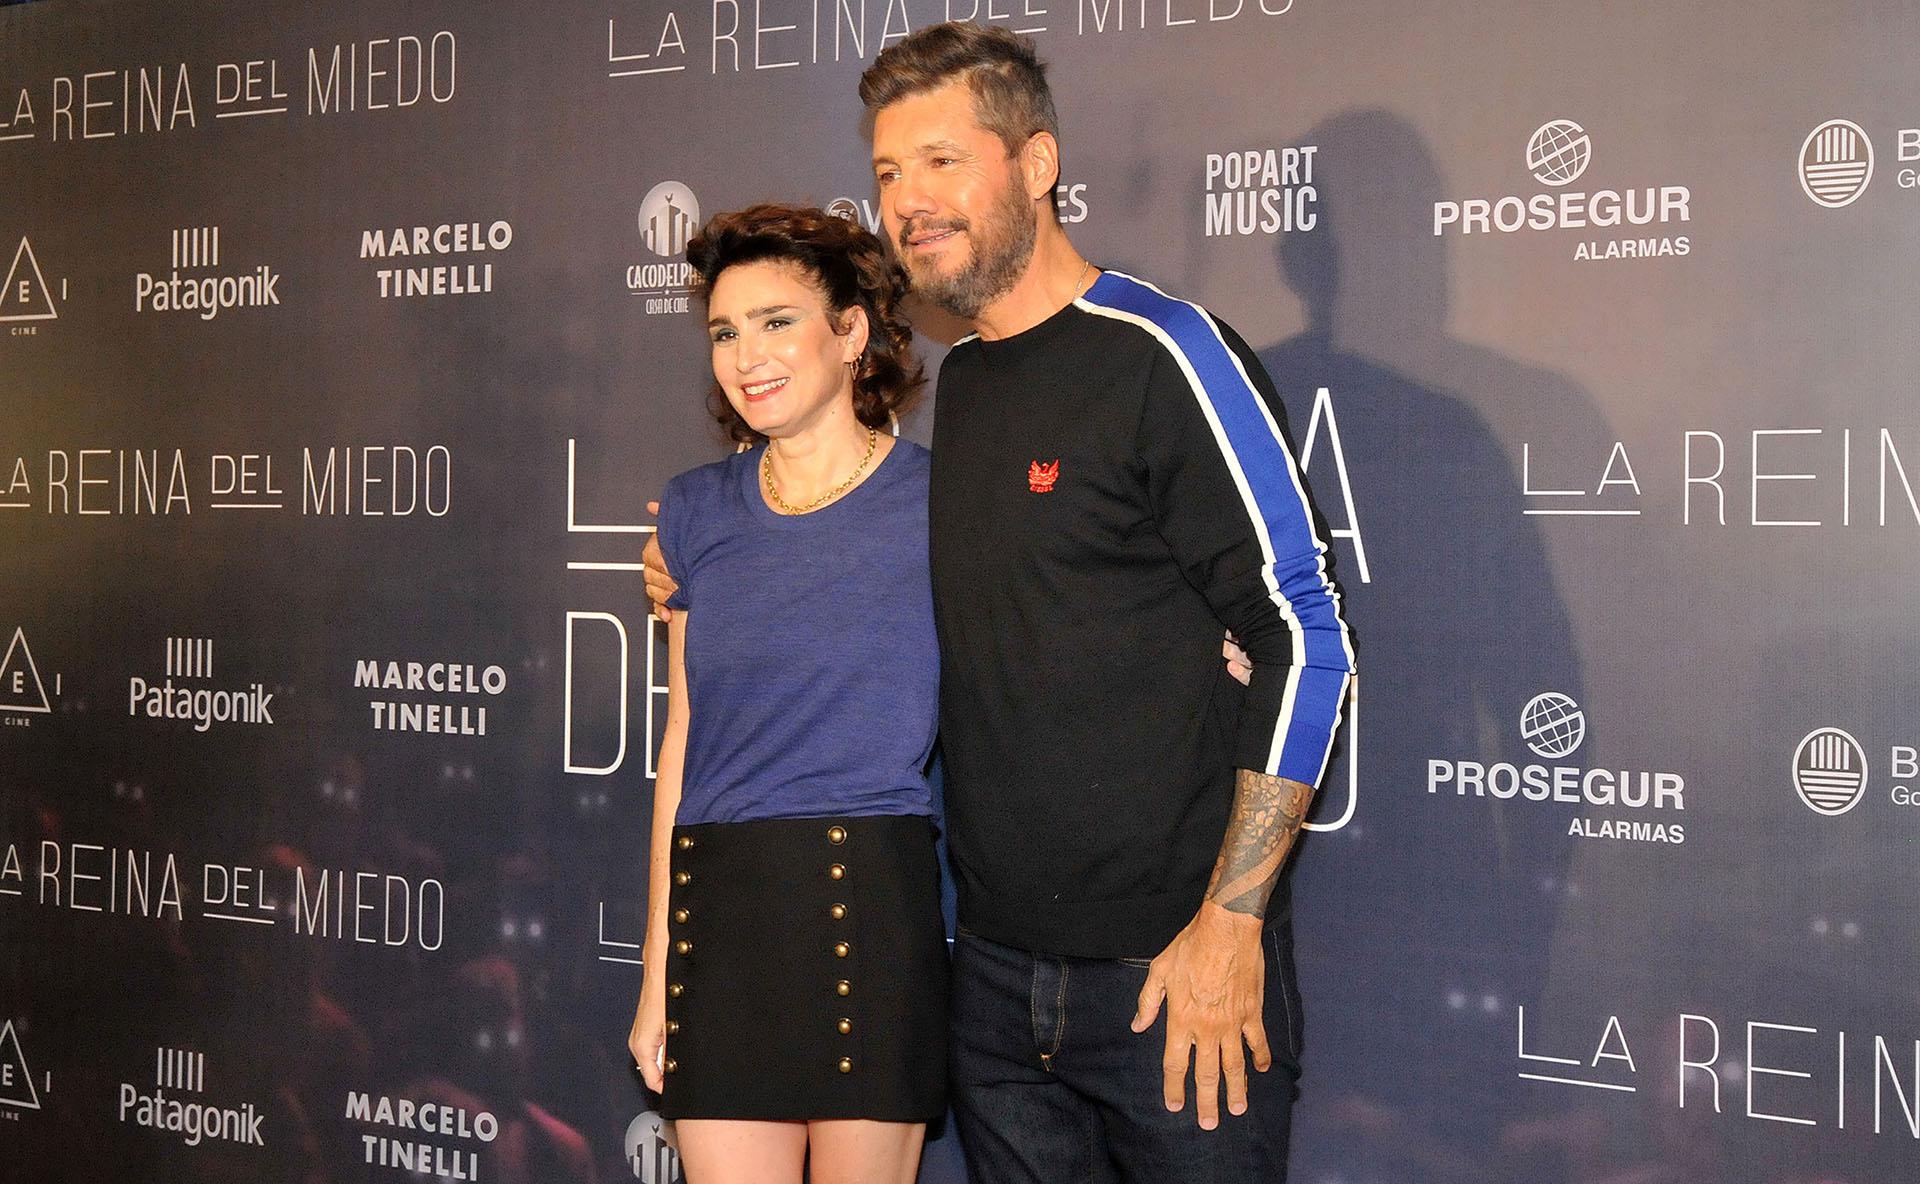 Valeria Bertuccelli y Marcelo Tinelli, coproductor de la película